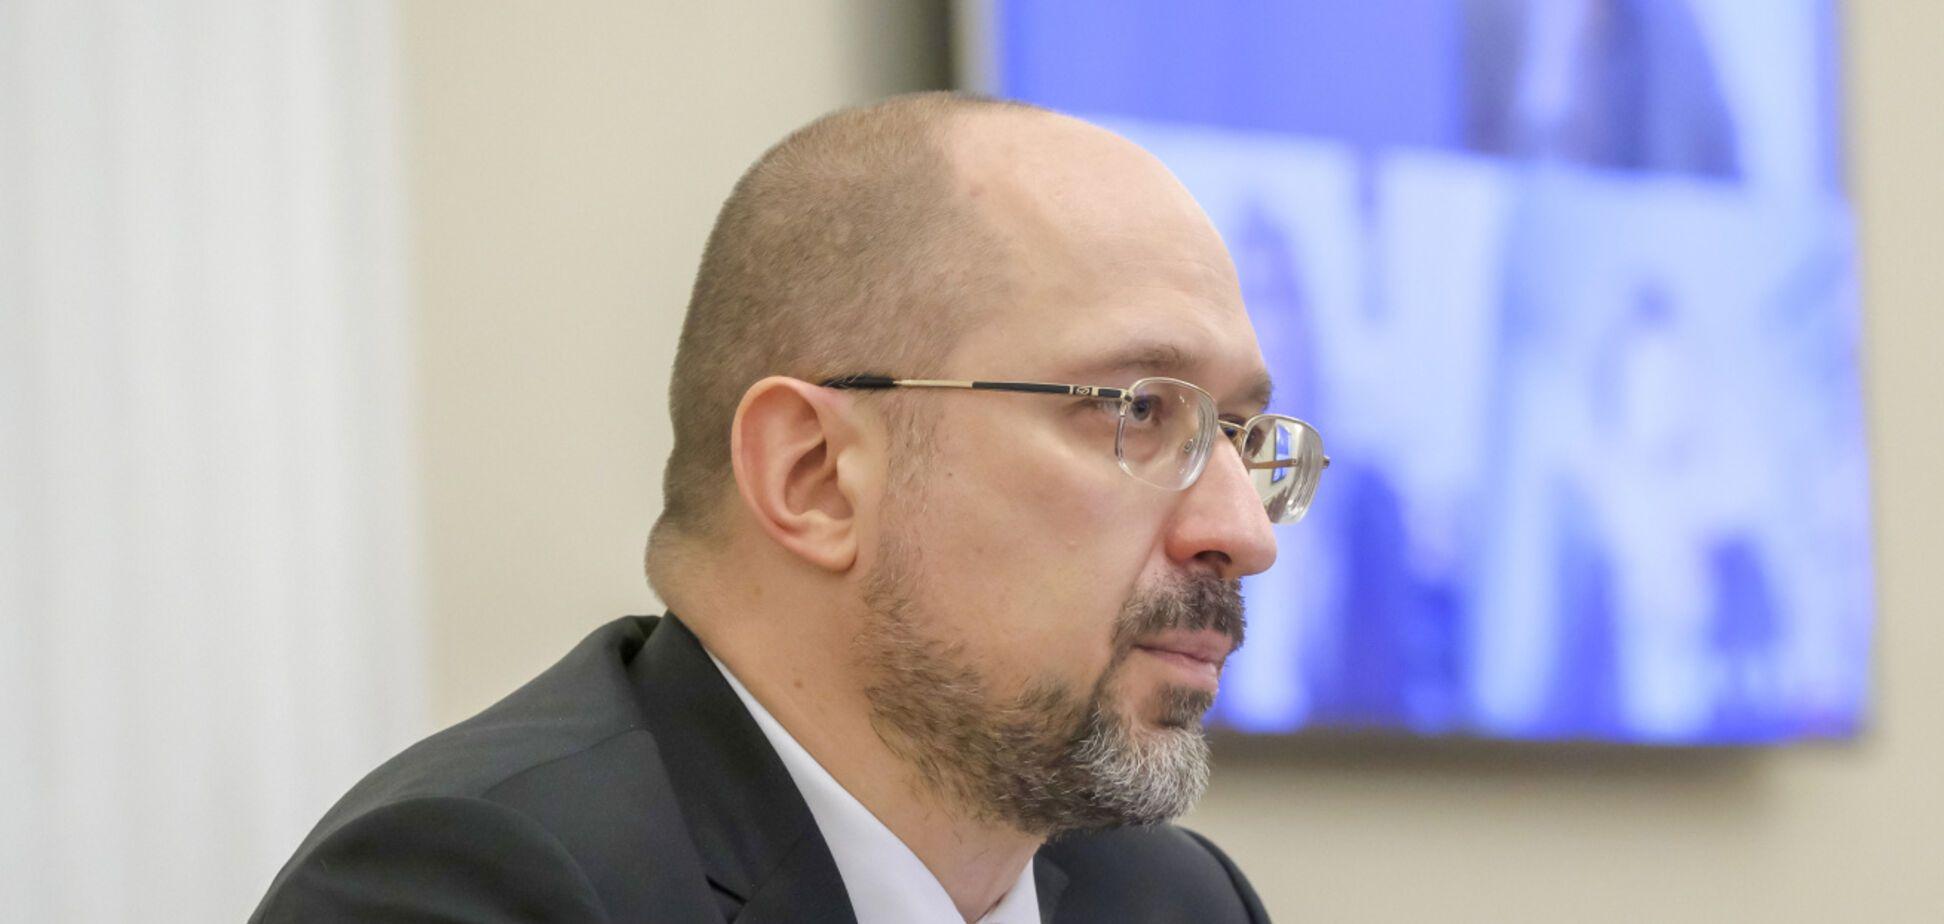 Шмигаль пообіцяв 'нові гроші' українцям: у Кабміні розповіли, як врятують економіку